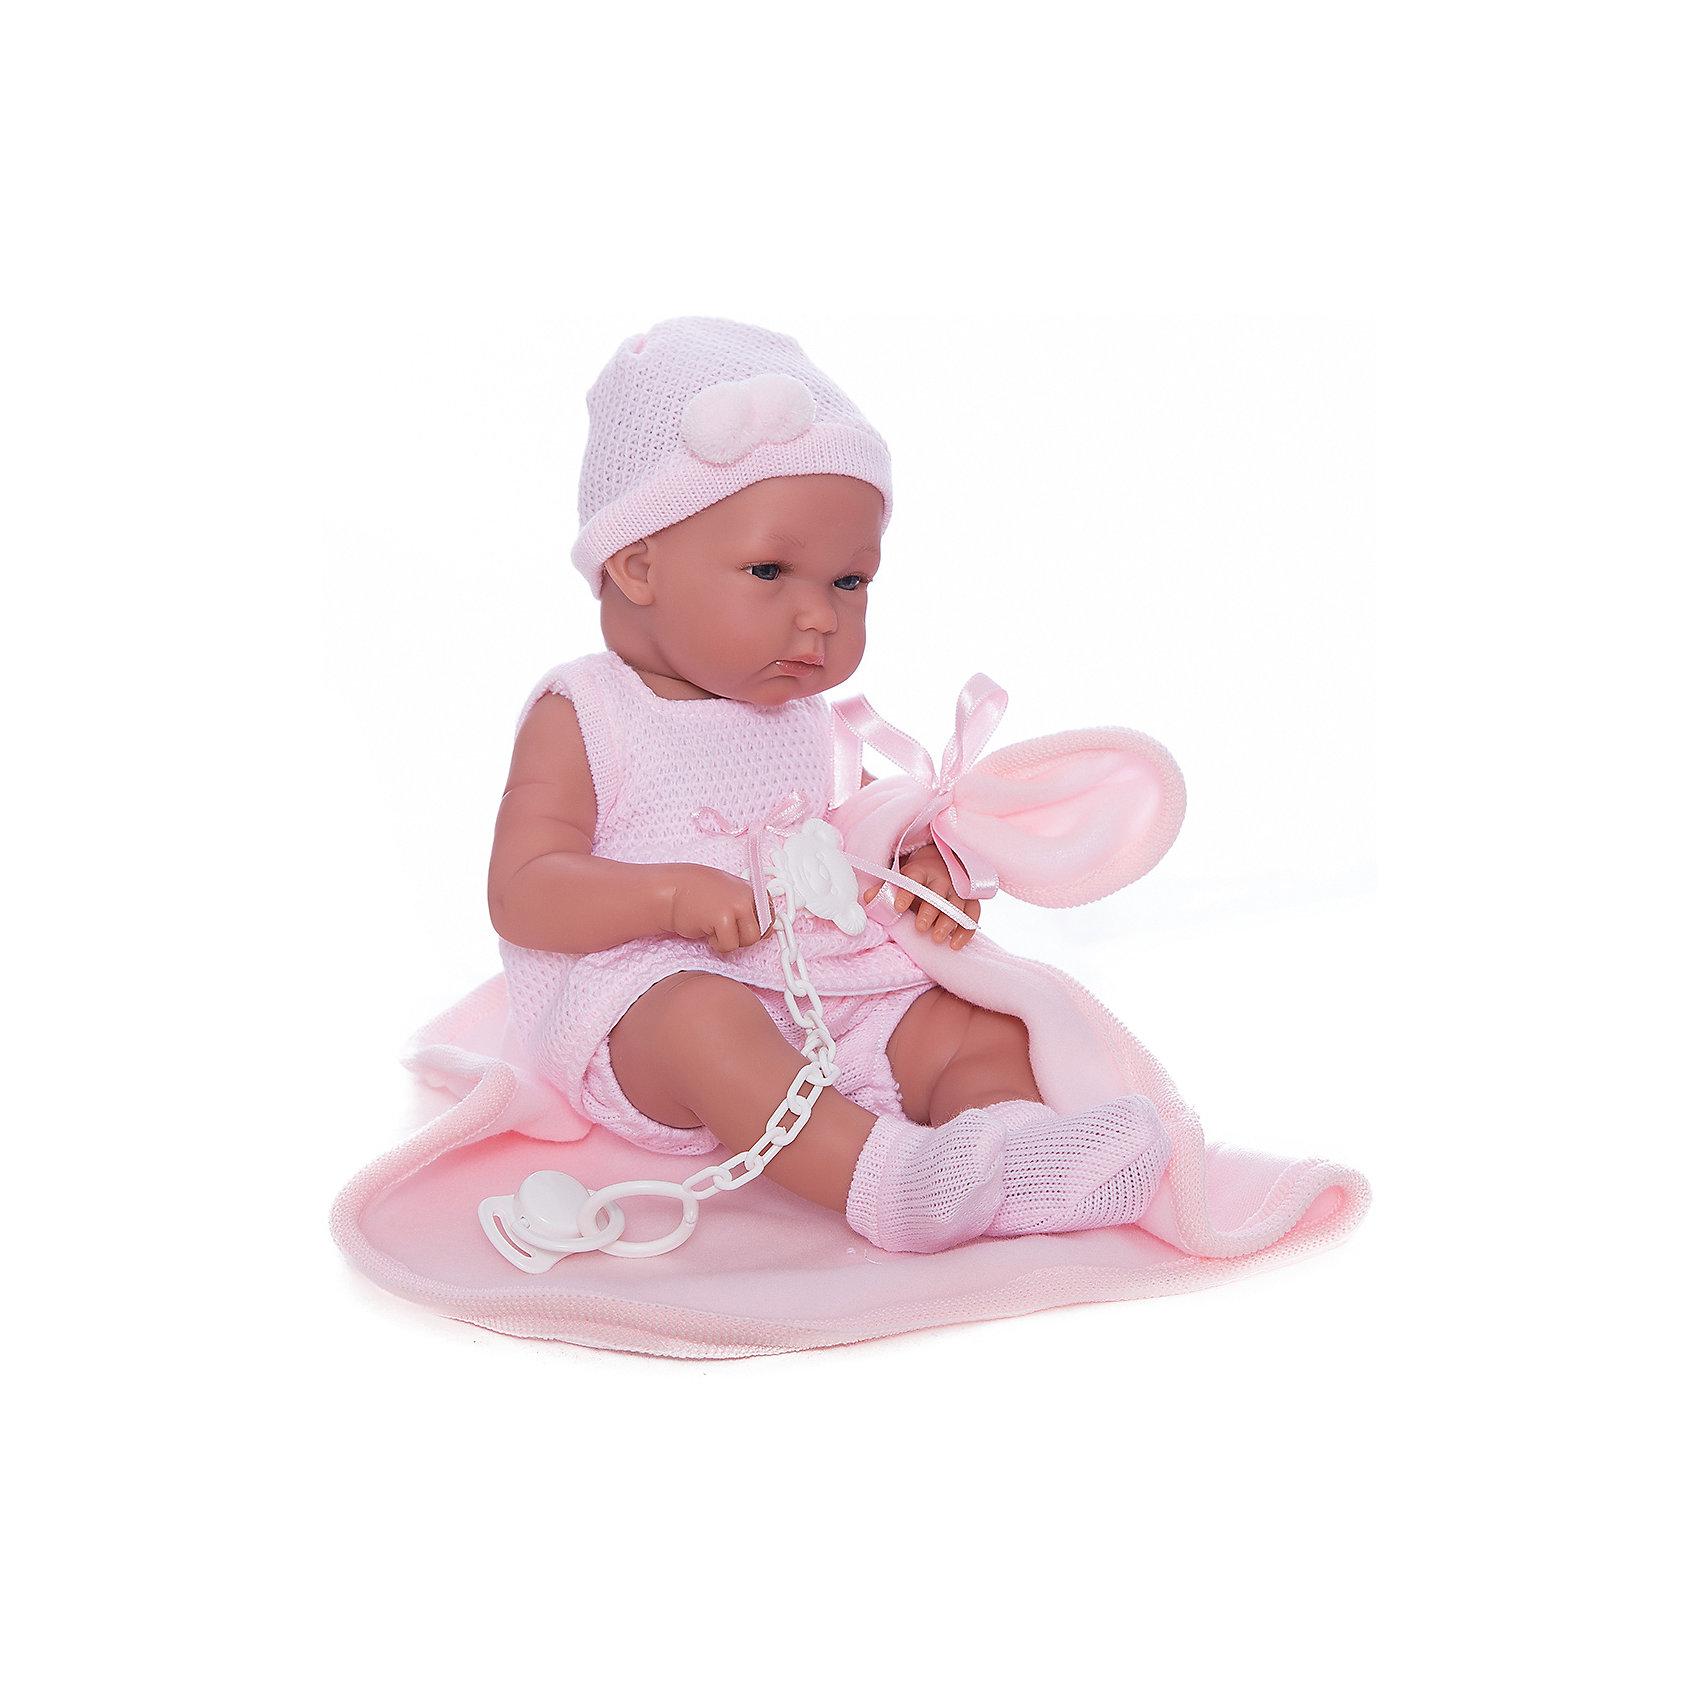 Кукла Бимбас одеялом, 35 см, LlorensХарактеристики:<br><br>• Предназначение: для сюжетно-ролевых игр<br>• Тип куклы: мягконабивная<br>• Пол куклы: девочка <br>• Волосы: прорисованные<br>• Материал: поливинилхлорид, пластик, текстиль<br>• Цвет: розовый<br>• Высота куклы: 35 см<br>• Комплектация: кукла, платье, чепчик, носочки, одеяло<br>• Вес: 1 кг 200 г<br>• Размеры упаковки (Д*В*Ш): 22*44*10 см<br>• Упаковка: подарочная картонная коробка <br>• Особенности ухода: допускается деликатная стирка без использования красящих и отбеливающих средств предметов одежды куклы<br><br>Кукла Бимба 35 см с одеялом – пупс, производителем которого является всемирно известный испанский кукольный бренд Llorens. Куклы этой торговой марки имеют свою неповторимую внешность и целую линейку образов как пупсов, так и кукол-малышей. Игрушки выполнены из сочетания поливинилхлорида и пластика, что позволяет с высокой долей достоверности воссоздать физиологические и мимические особенности маленьких детей. При изготовлении кукол Llorens используются только сертифицированные материалы, безопасные и не вызывающие аллергических реакций. Волосы у кукол-пупсов прорисованные; ручки и ножки двигаются.<br>Кукла Бимба 35 см с одеялом выполнена в образе очаровательной малышки: голубые глазки и пухлые щечки создают невероятно очаровательный и милый образ. В комплект одежды Бимбы входит розовое платьице без рукавов, чепчик и носочки. В наборе имеется одеяло-плед.<br>Кукла Бимба 35 см с одеялом – это идеальный вариант для подарка к различным праздникам и торжествам.<br><br>Куклу Бимбу 35 см с одеялом можно купить в нашем интернет-магазине.<br><br>Ширина мм: 22<br>Глубина мм: 44<br>Высота мм: 10<br>Вес г: 1200<br>Возраст от месяцев: 36<br>Возраст до месяцев: 84<br>Пол: Женский<br>Возраст: Детский<br>SKU: 5086926